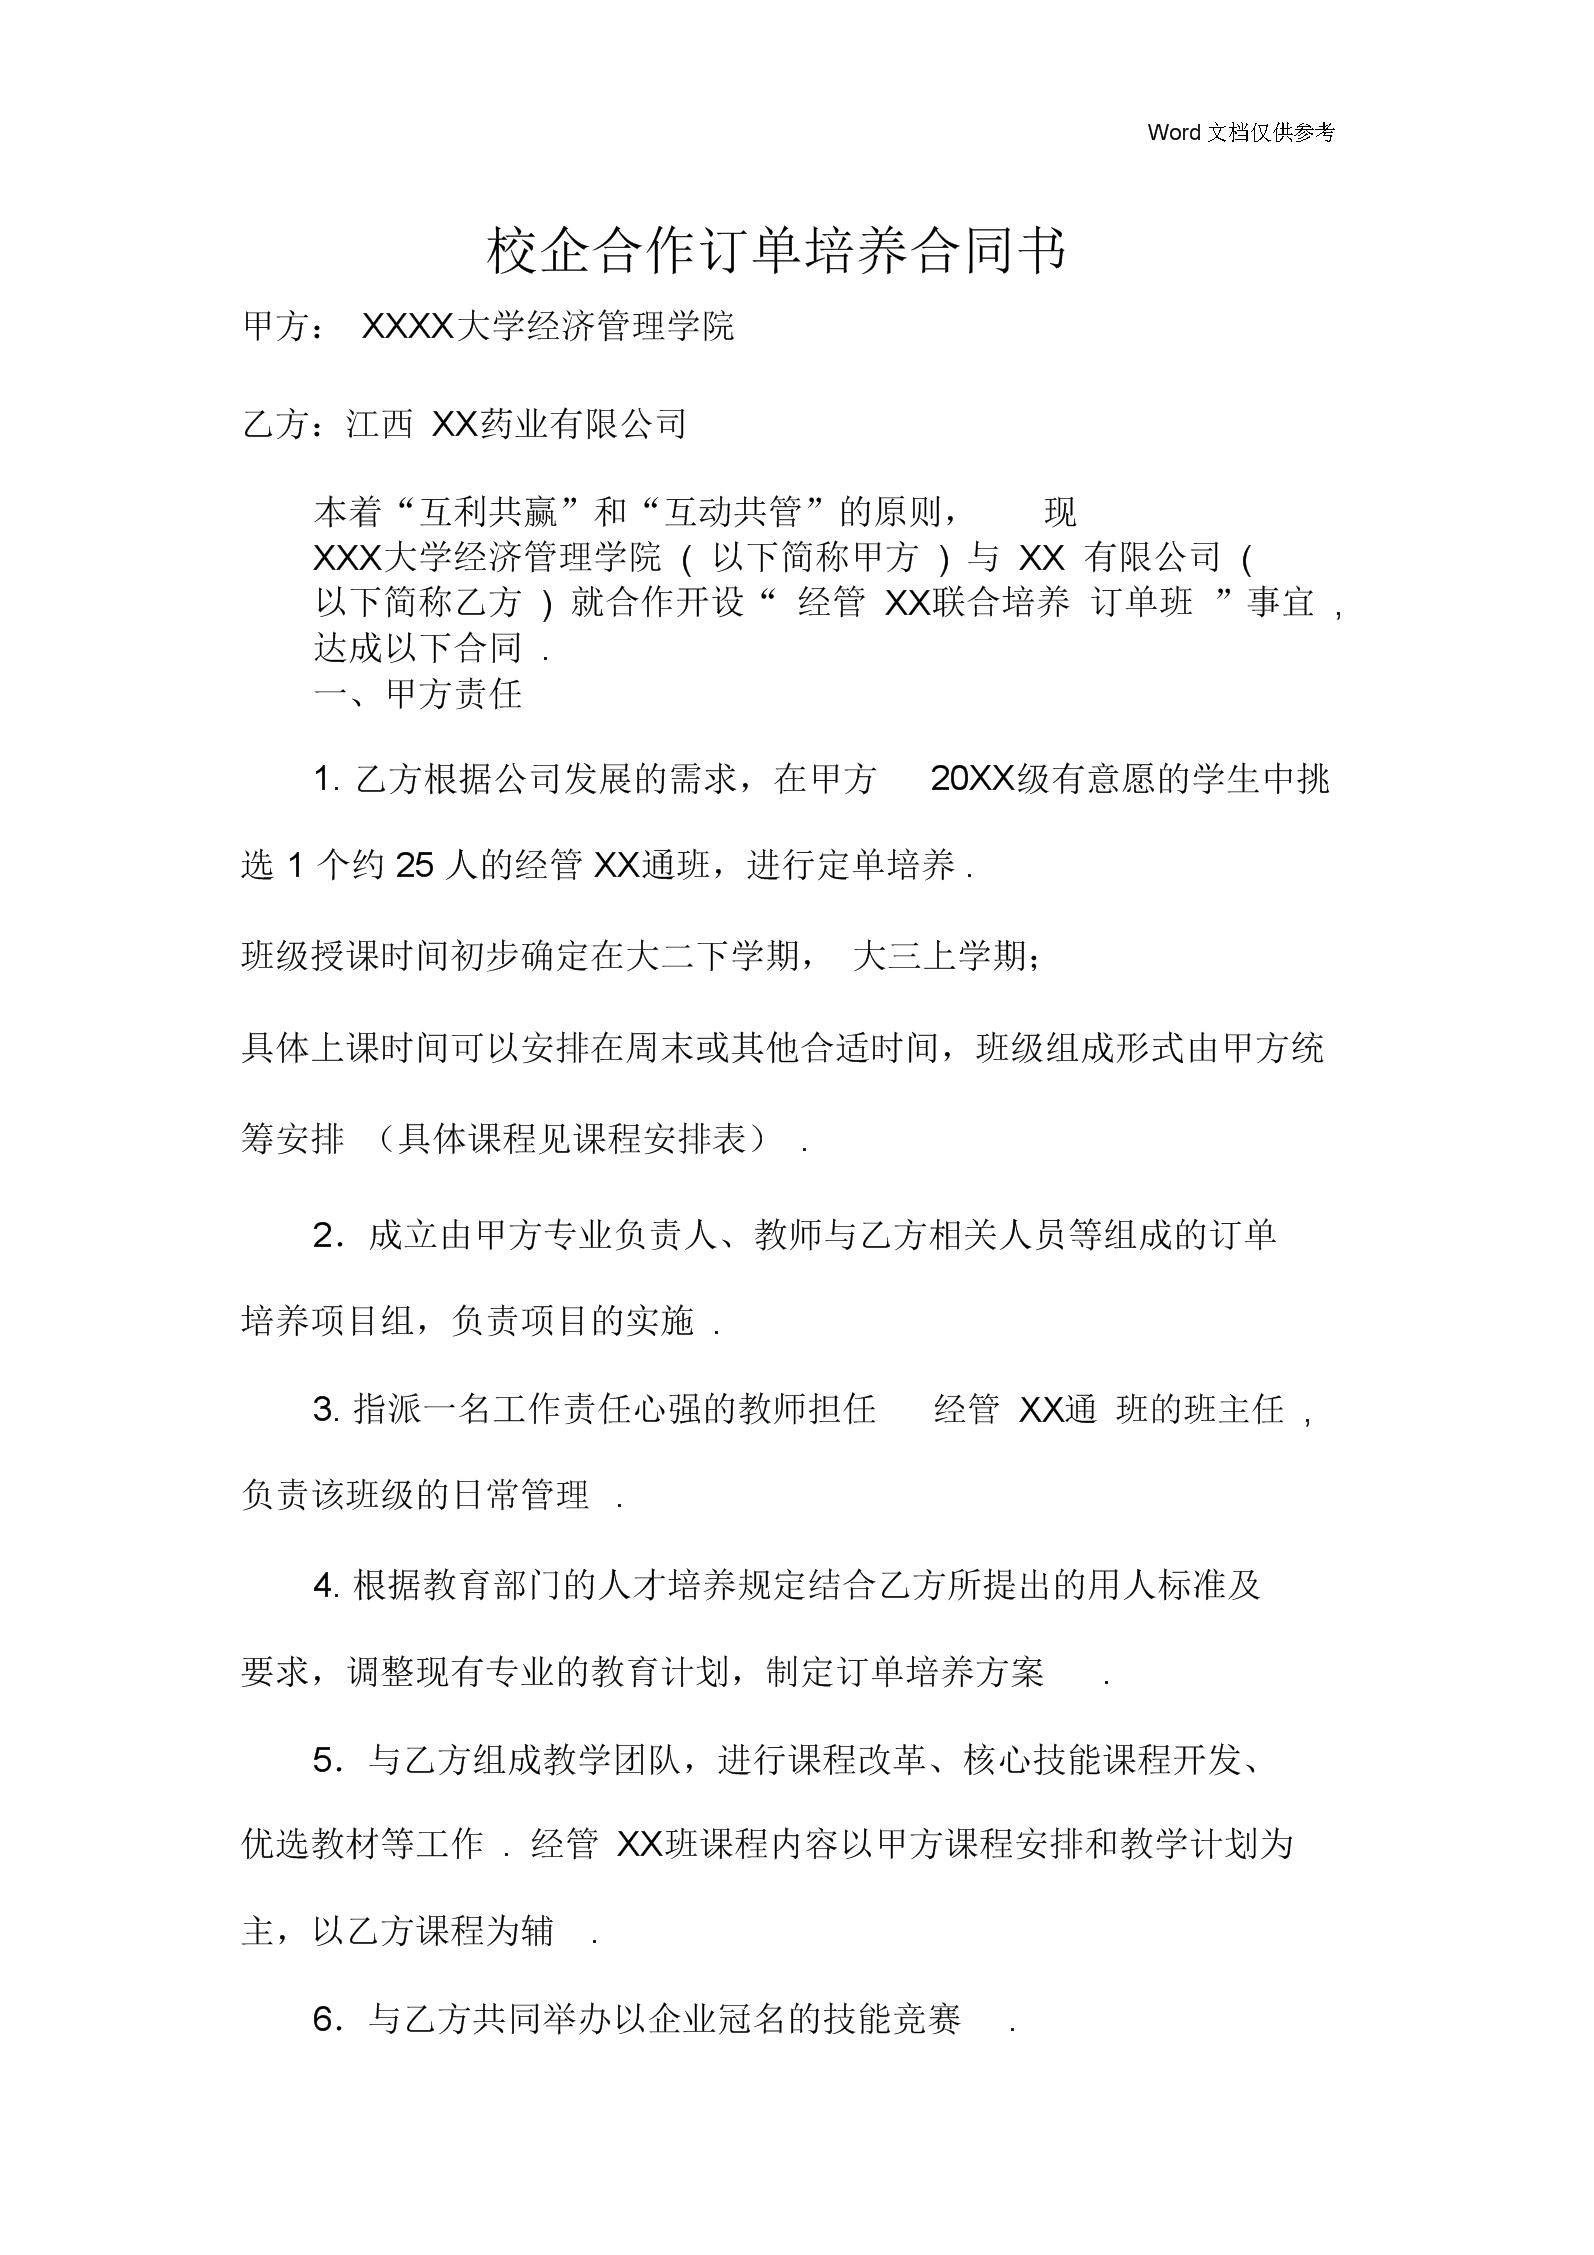 校企合作人才培养合同书.模板分享.doc